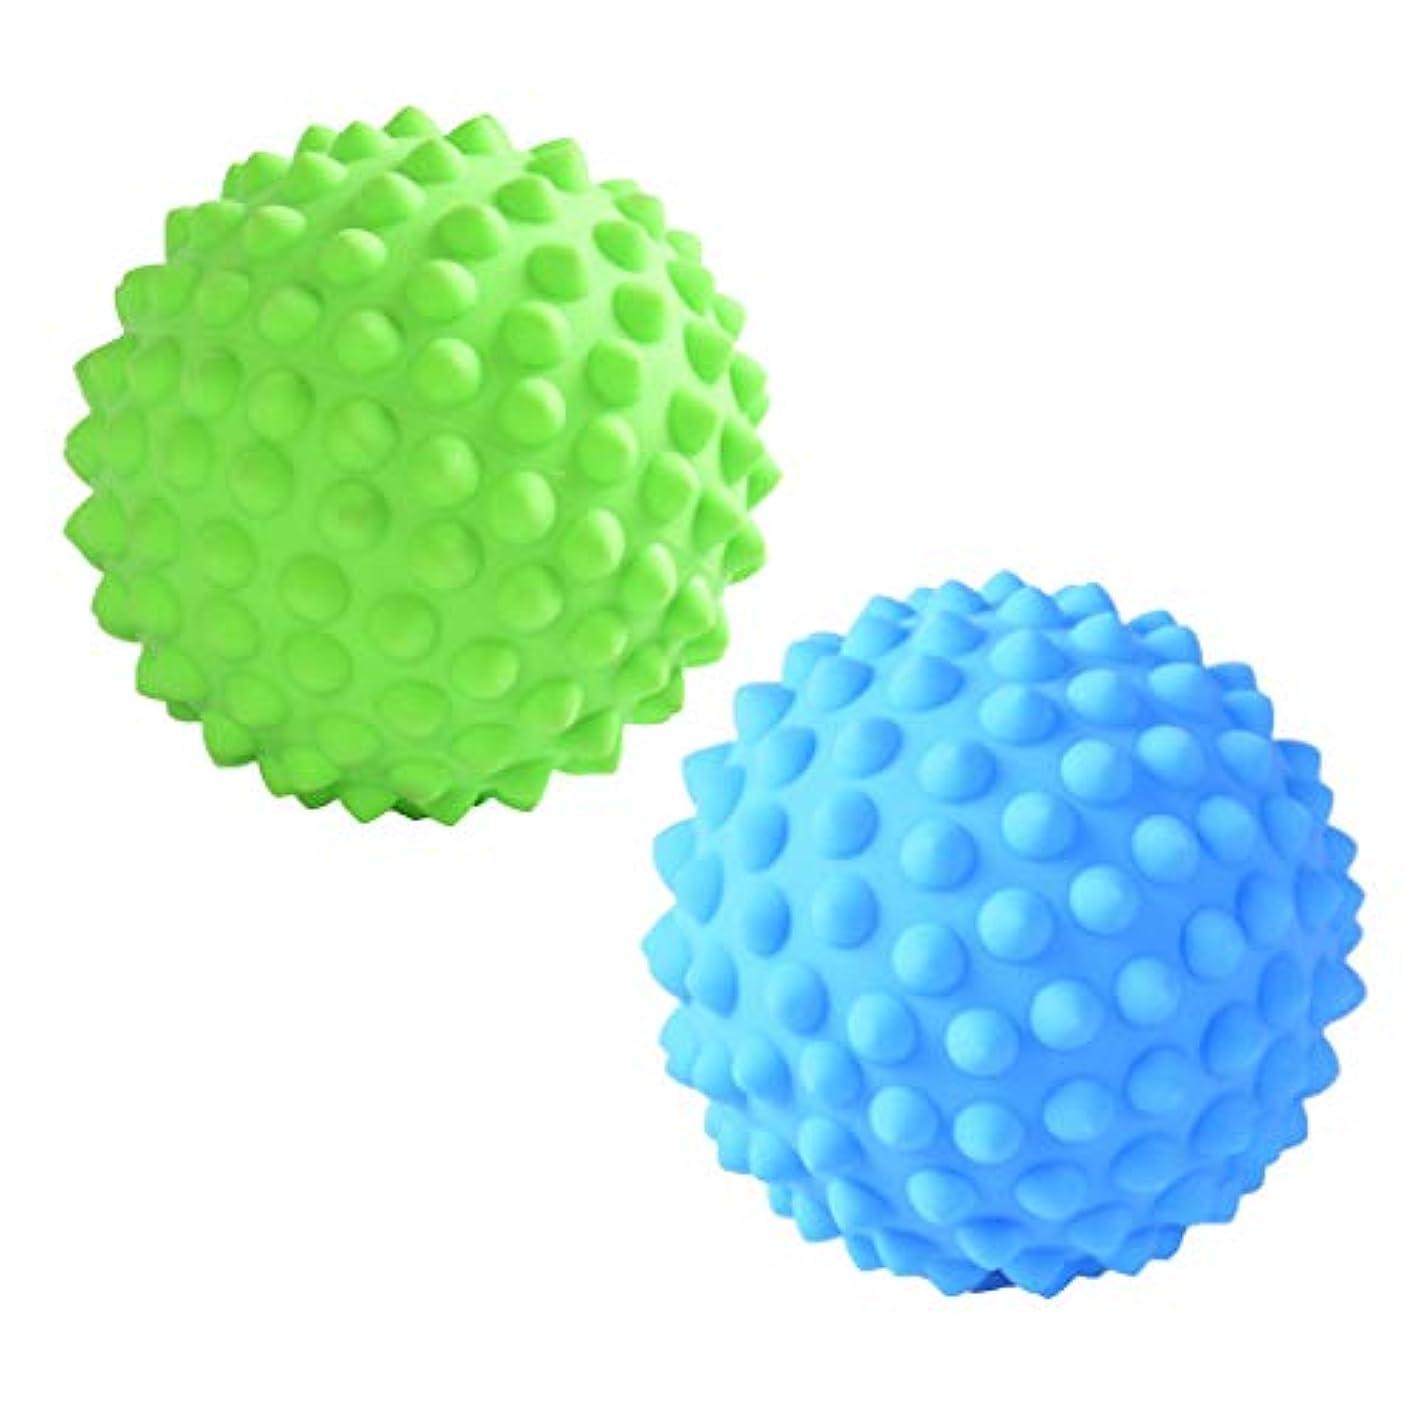 神経衰弱状キリスト教FLAMEER 2個 マッサージローラーボール 指圧ボール PVC トリガーポイント 疲れ解消ボール ヨガ 疲労軽減